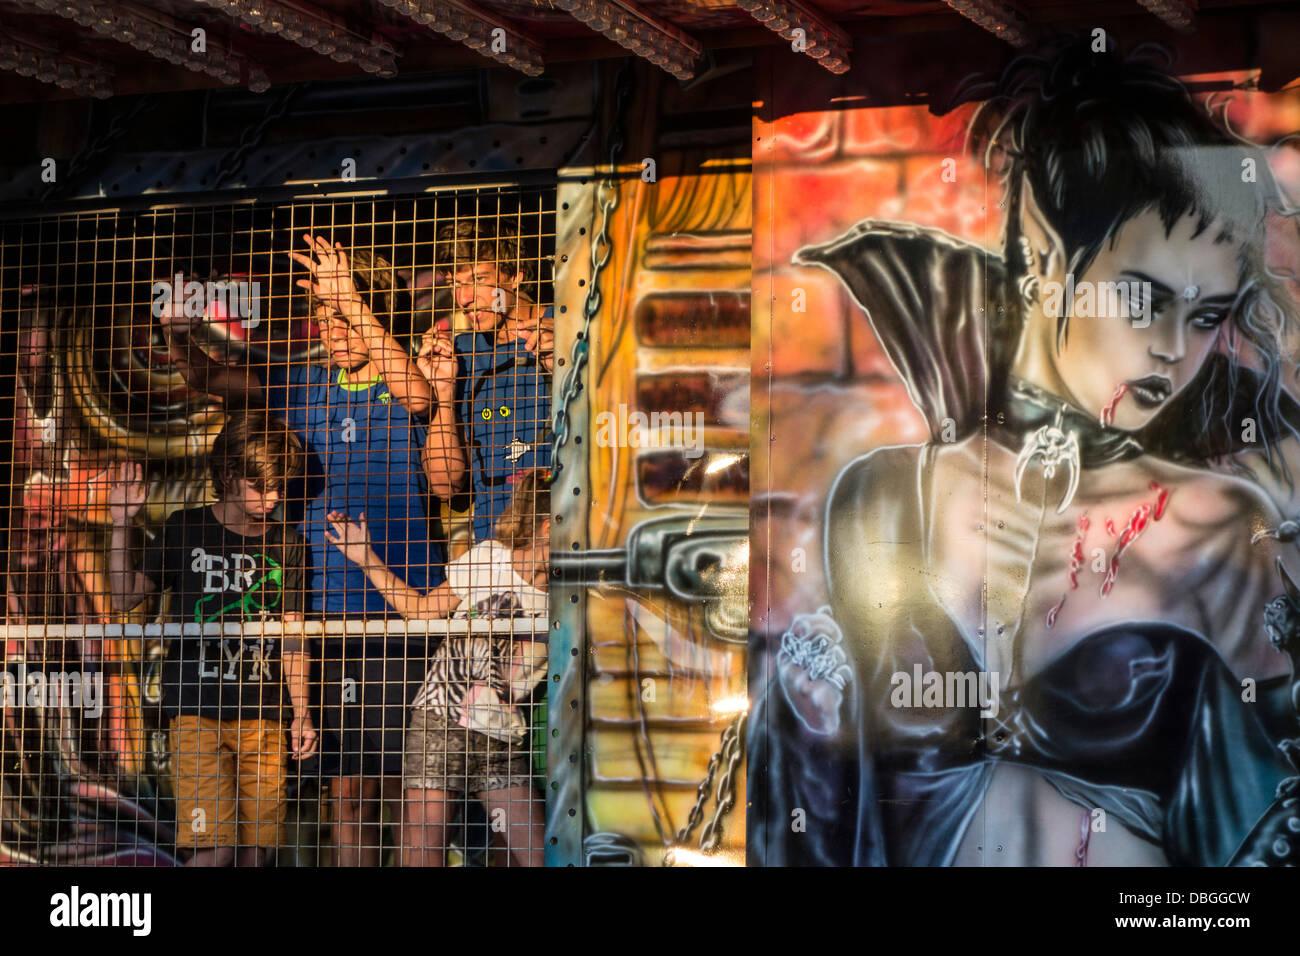 Niños en el recinto ferial atracción Haunted House en viajar feria / viajar fun fair Imagen De Stock